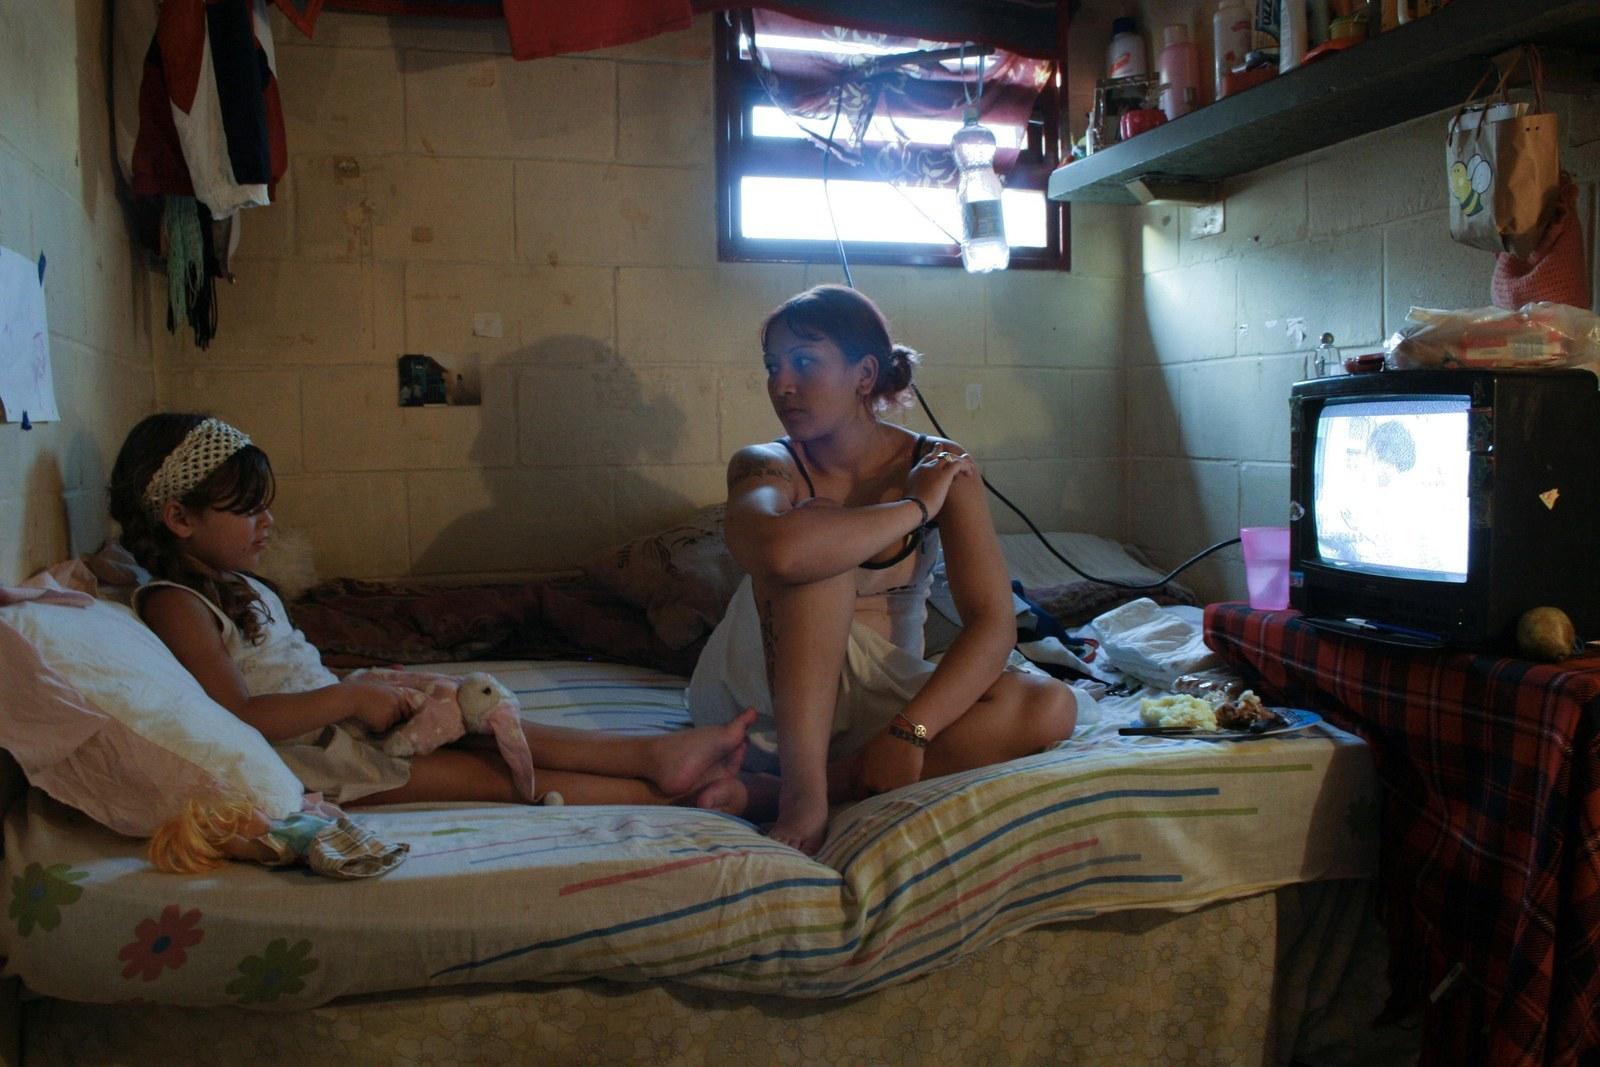 Скрытое наблюдение за мастурбацией, Подглядывание за маструбацией - видео 24 фотография